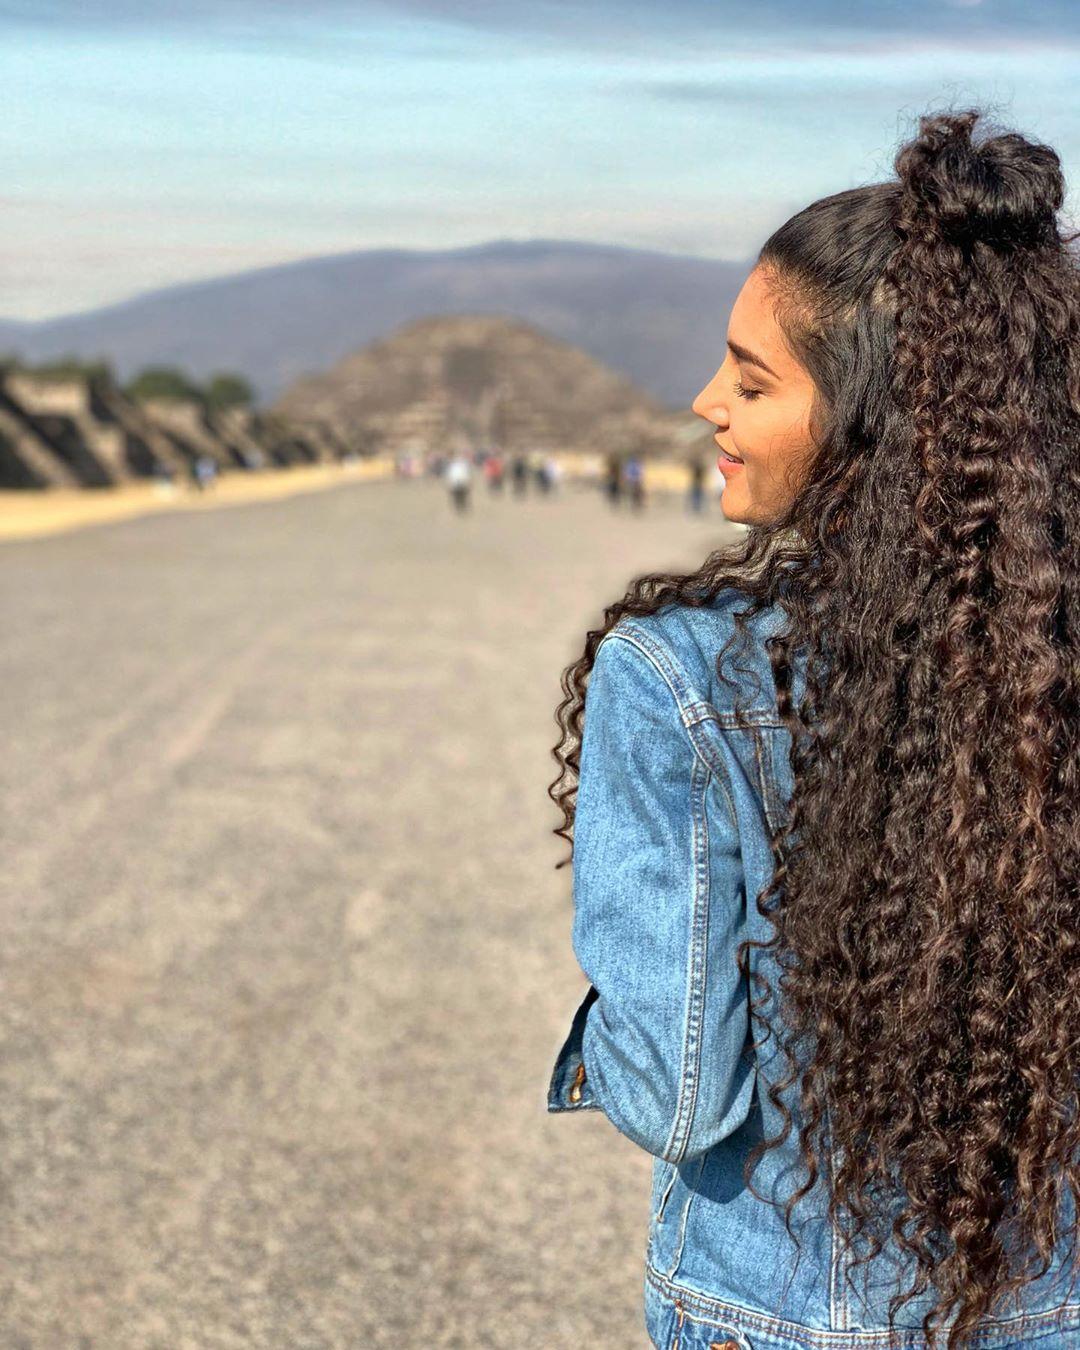 georgina vargas, candidata a miss mexico 2020, representando coahuila. - Página 4 79912810